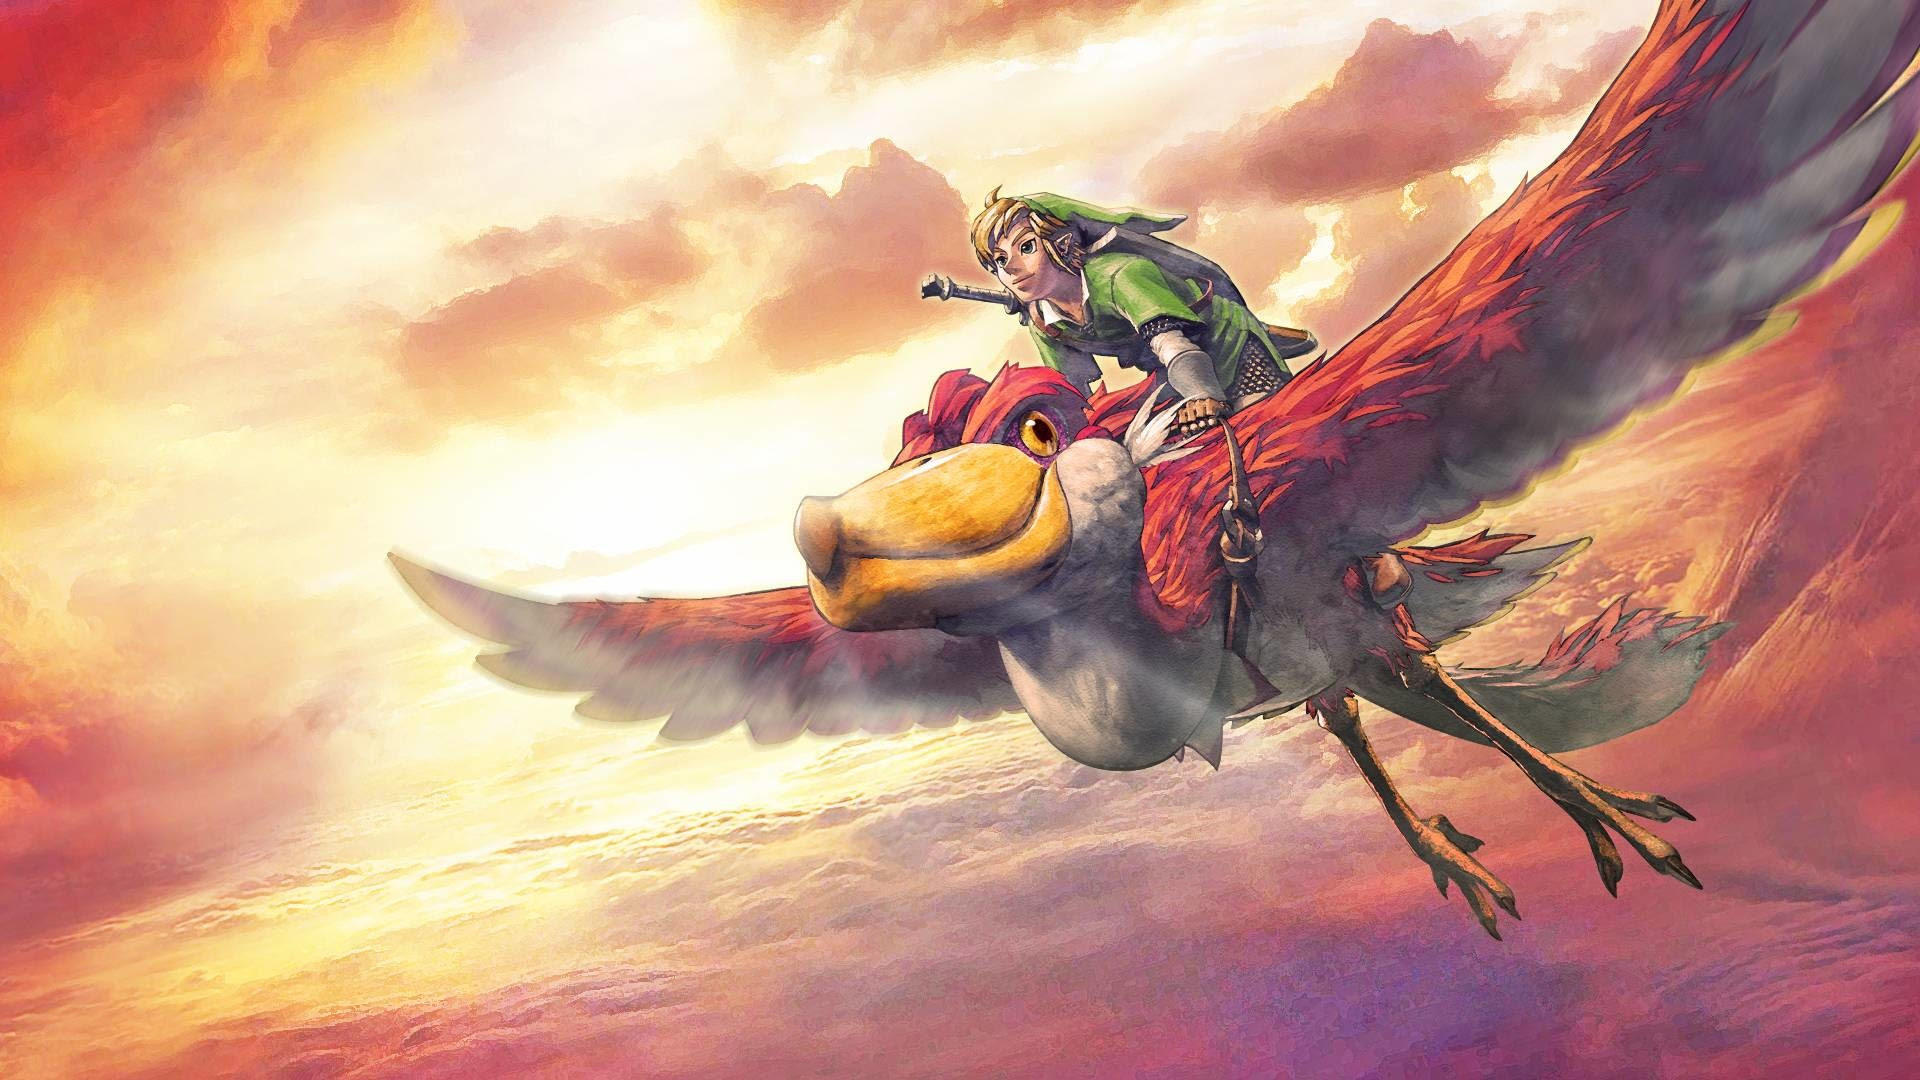 Zelda Wallpaper 1920x1080 Hd 70 Images